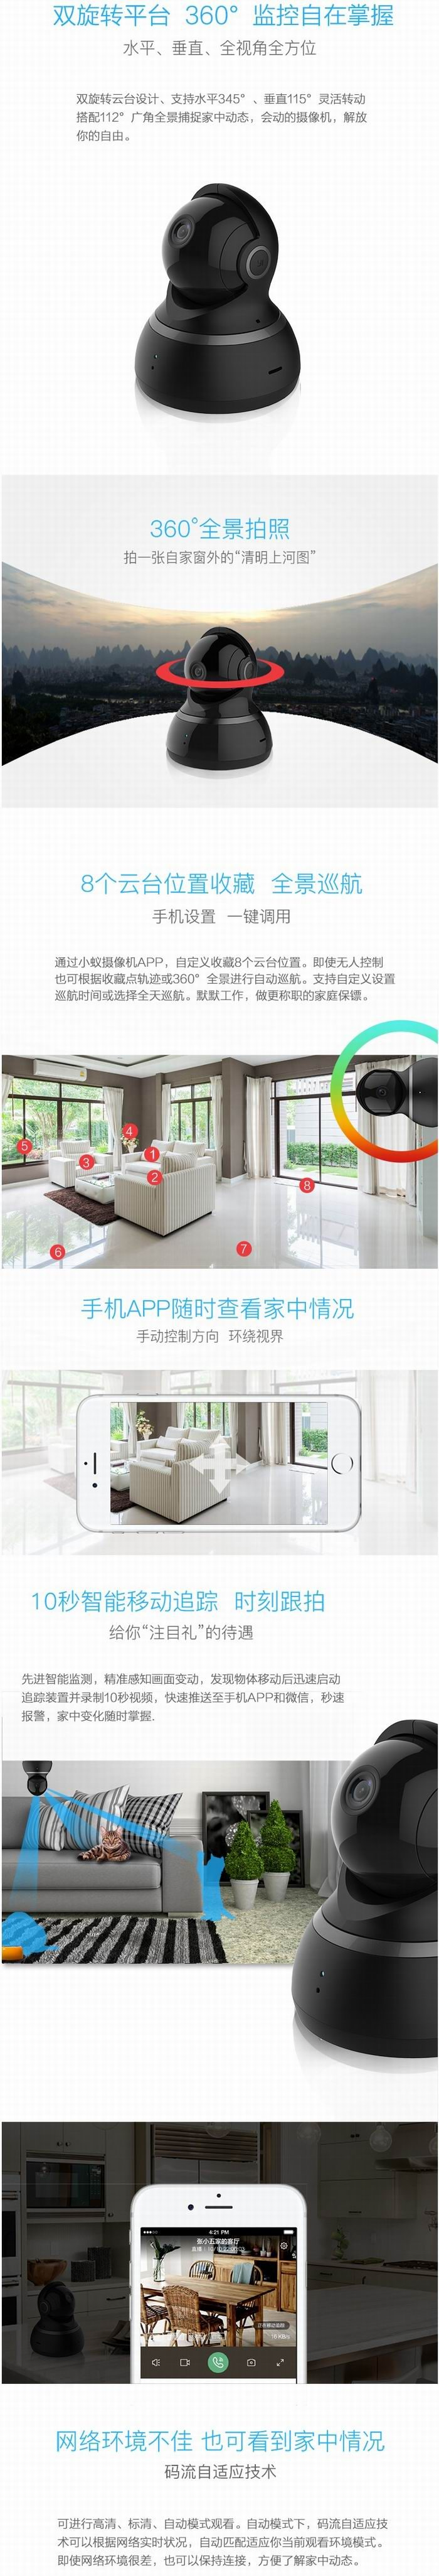 小米 YI 小蚁 1080p 家用高清 智能安防 无线摄像头4.5折 44.99加元限量特卖并包邮!2色可选!